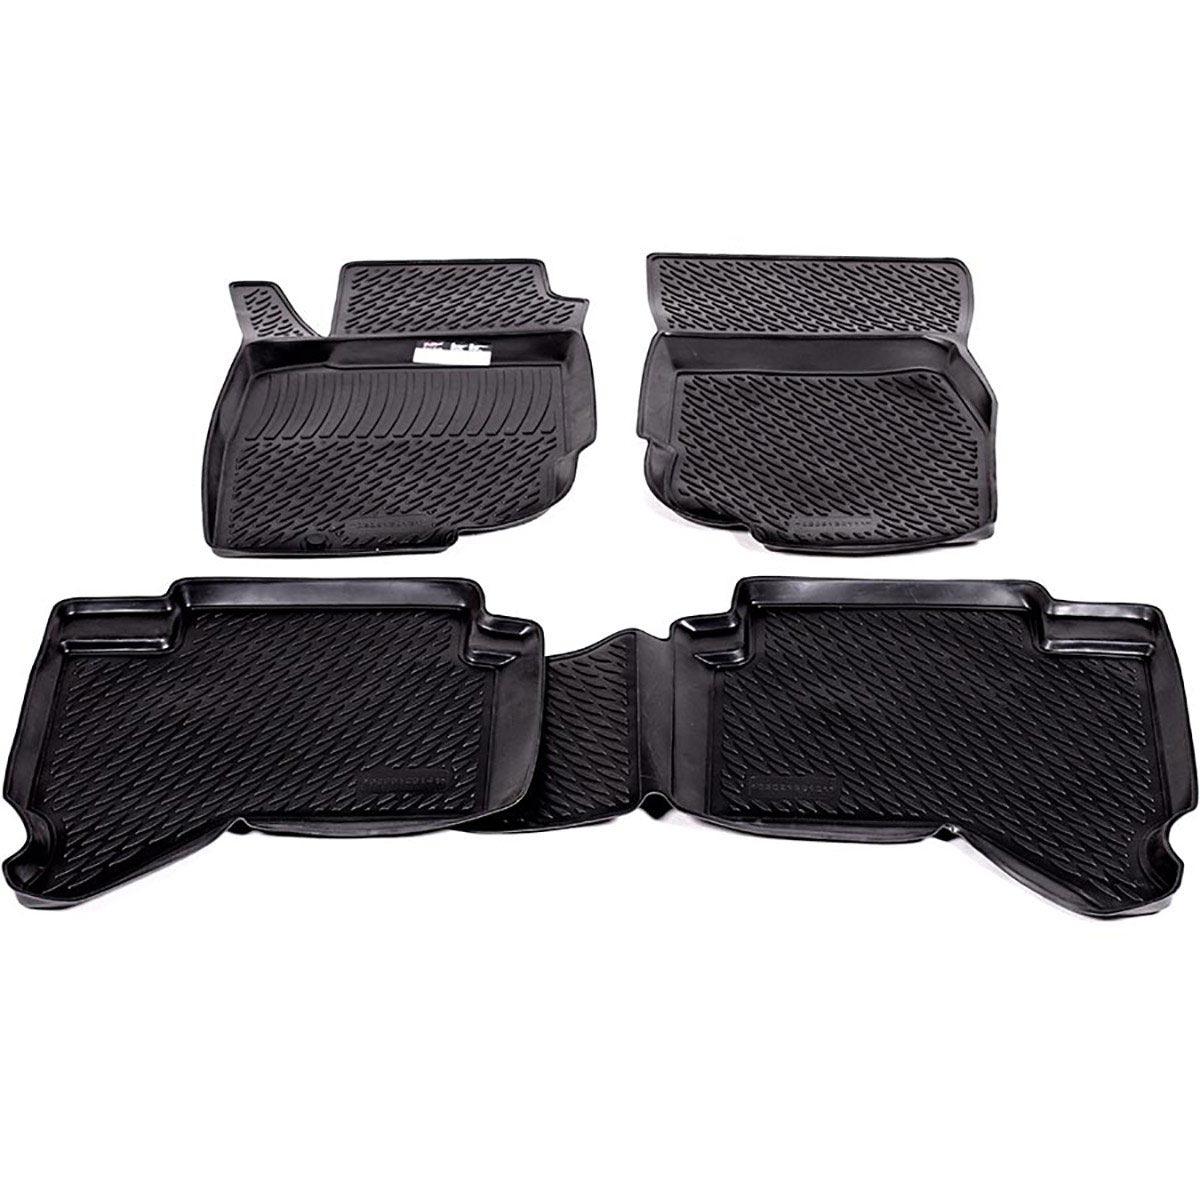 Коврики в салон Toyota Hilux Pick Up (10-) полиуретан0209120101Коврики производятся индивидуально для каждой модели автомобиля из современного и экологически чистого материала, точно повторяют геометрию пола автомобиля, имеют высокий борт от 3 см до 4 см., обладают повышенной износоустойчивостью, антискользящими свойствами, лишены резкого запаха, сохраняют свои потребительские свойства в широком диапазоне температур (-50 +80 С)